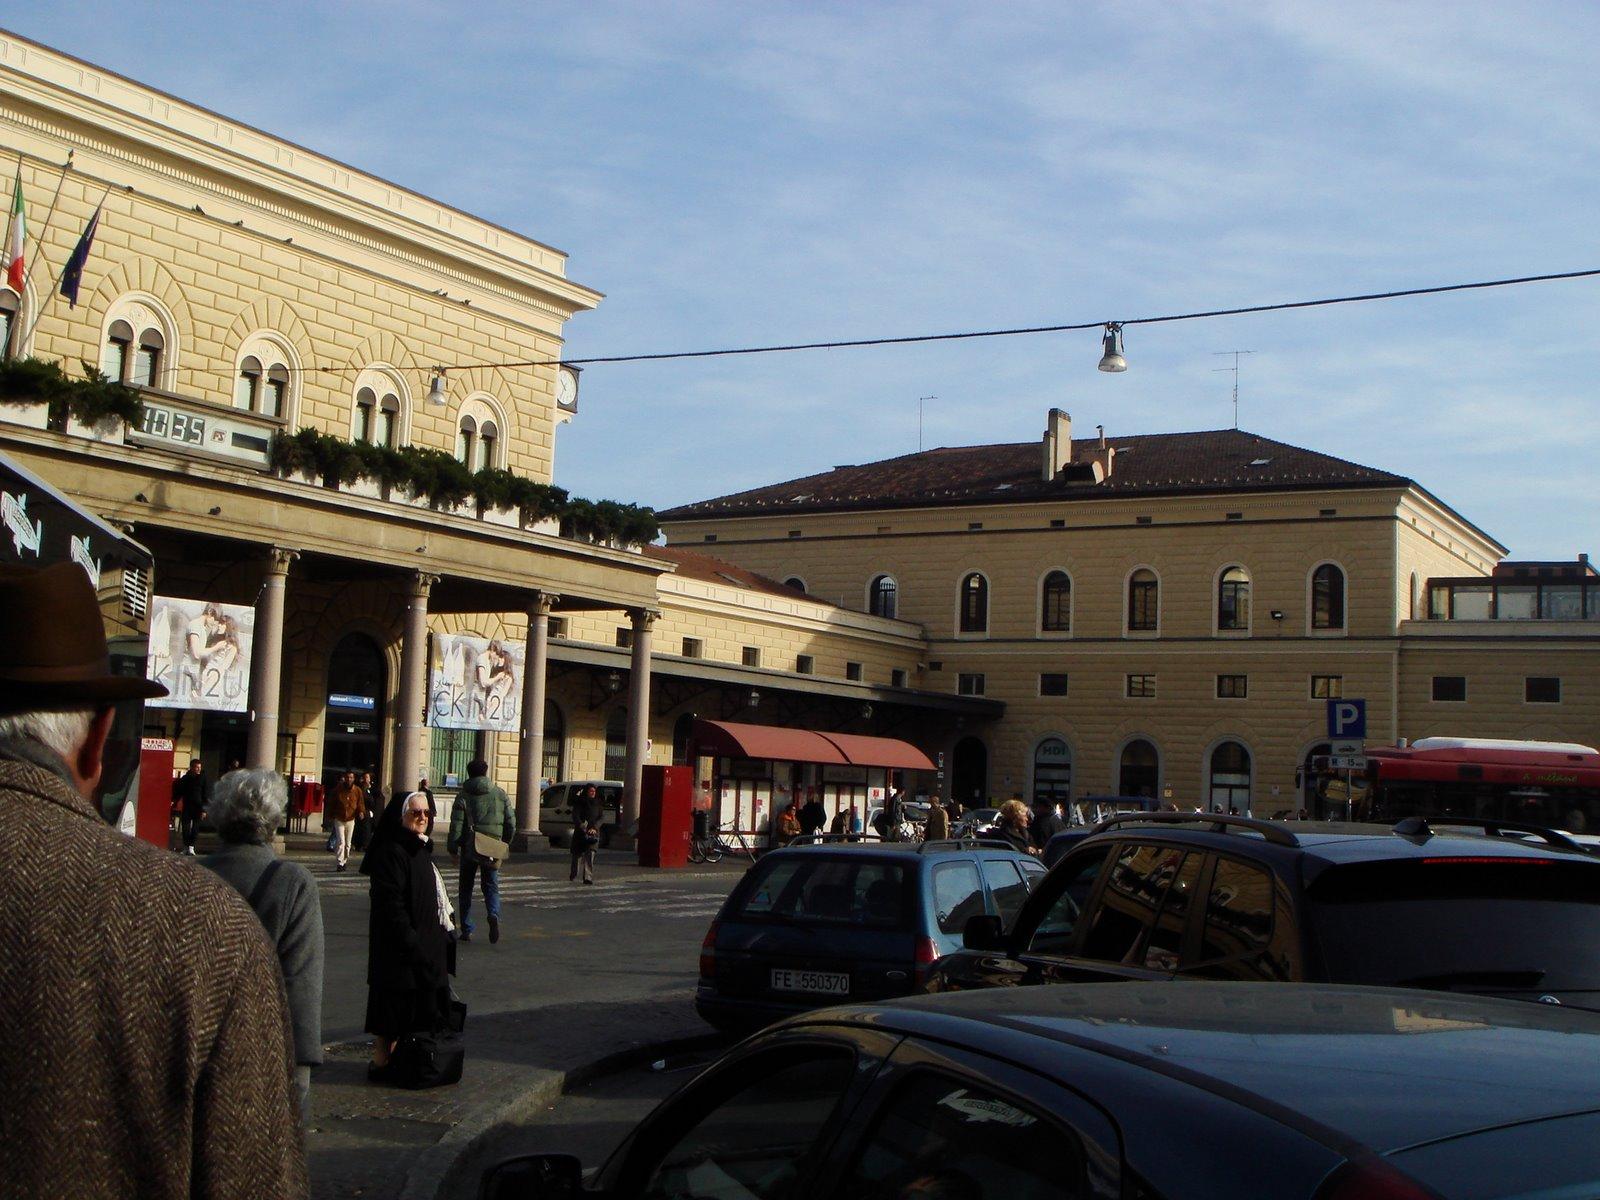 [0089_-_Bologna_-_Stazione_-_Foto_Giovanni_Dall]